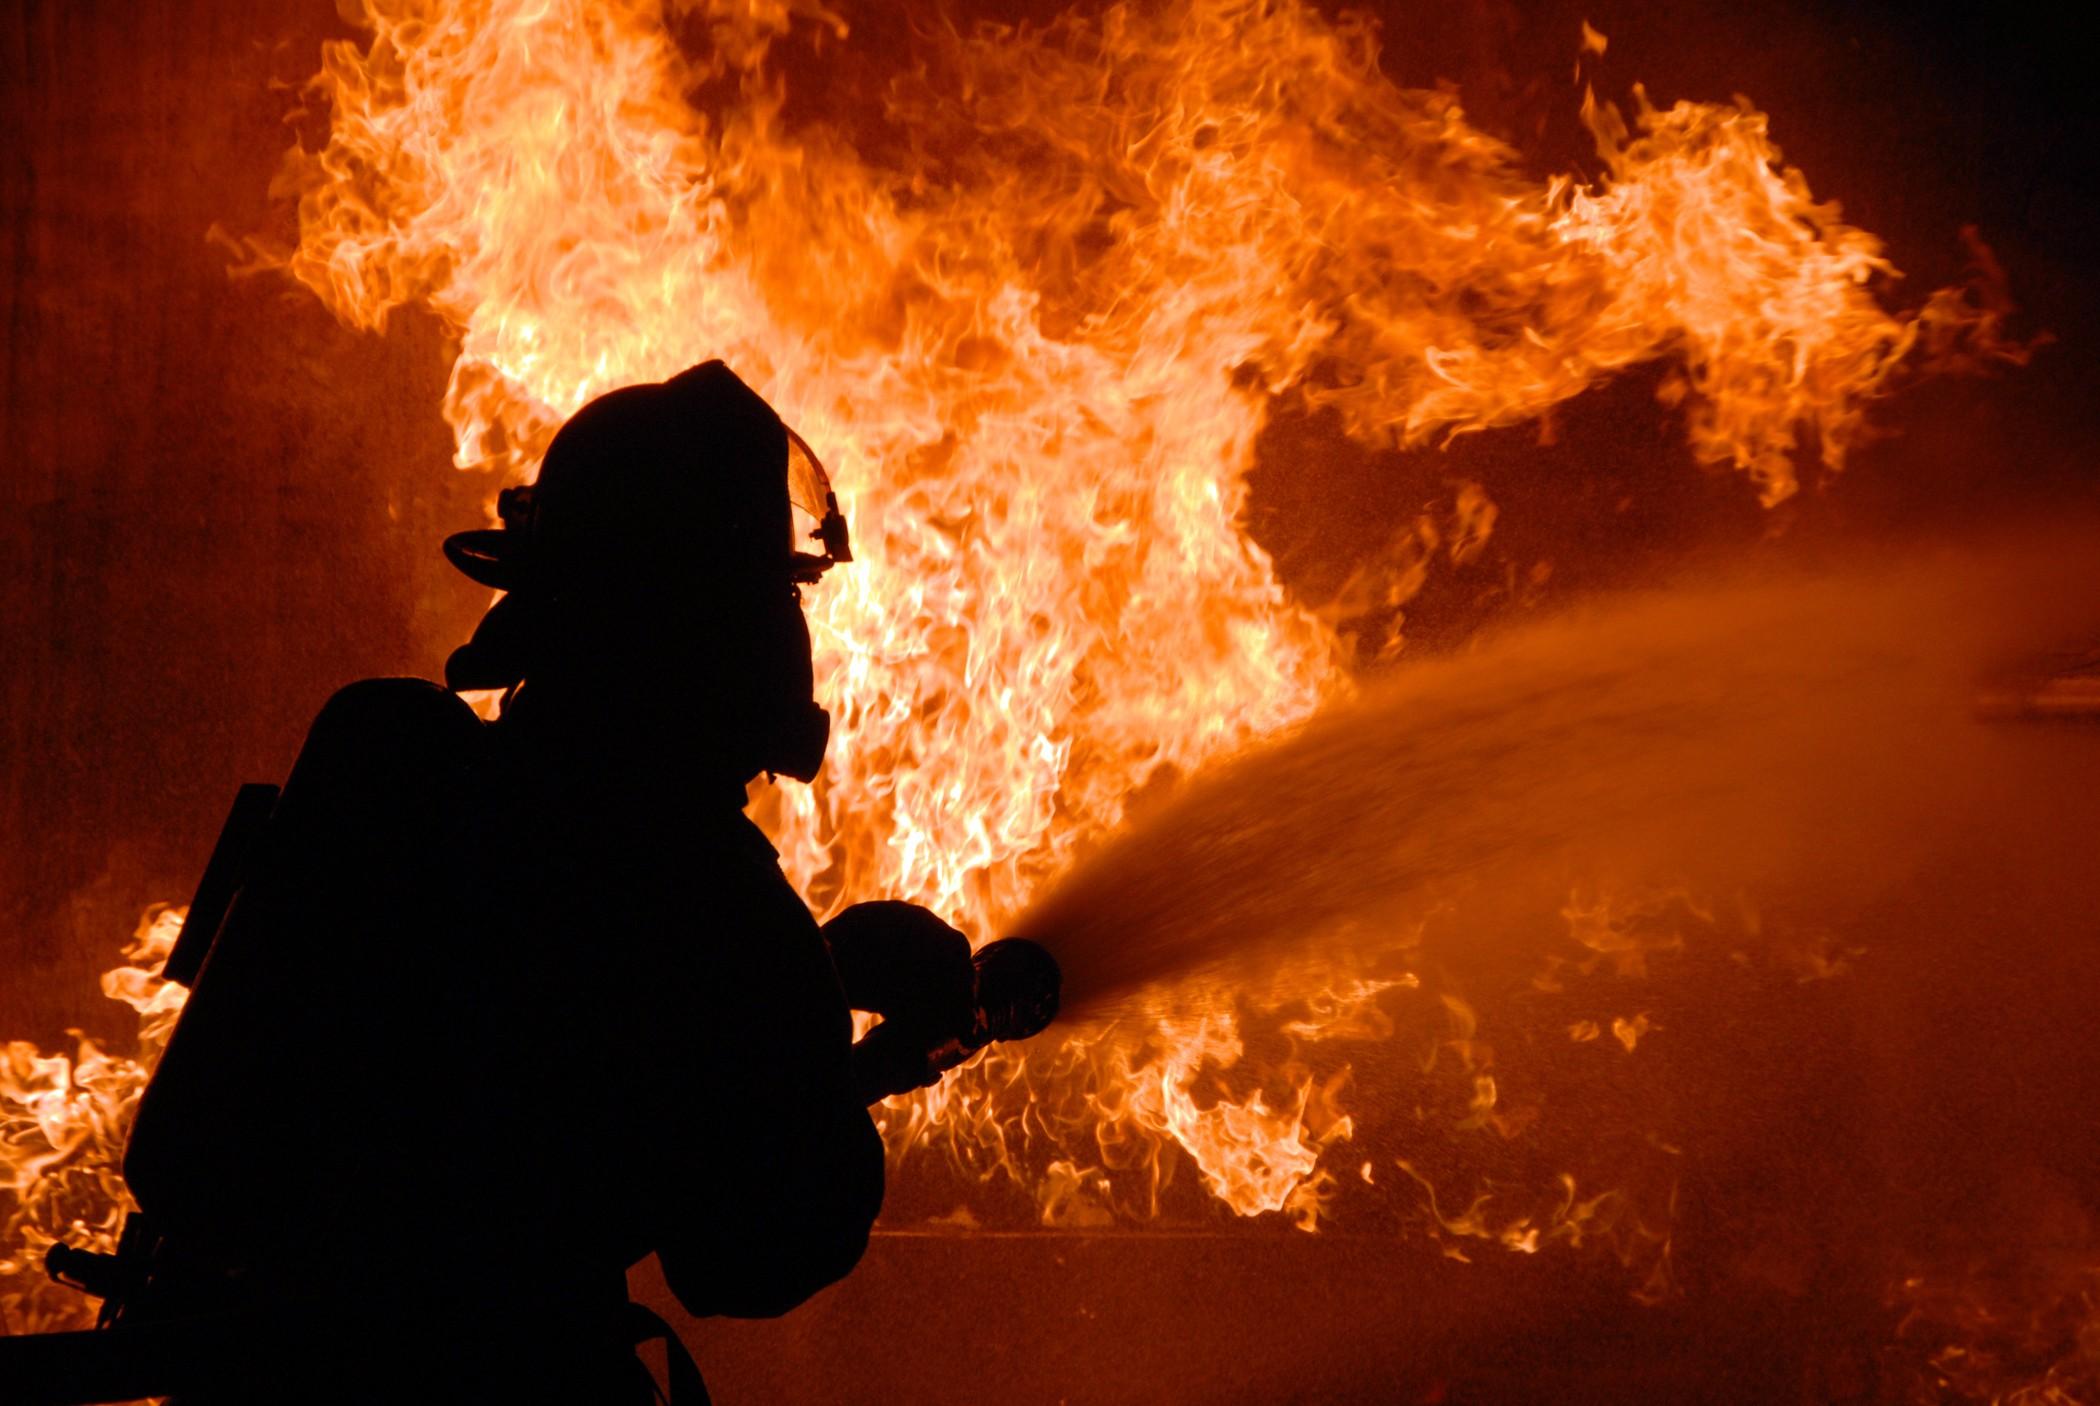 Харьков в XXI веке. 22 апреля – сильный пожар унес жизни целой семьи и их знакомой